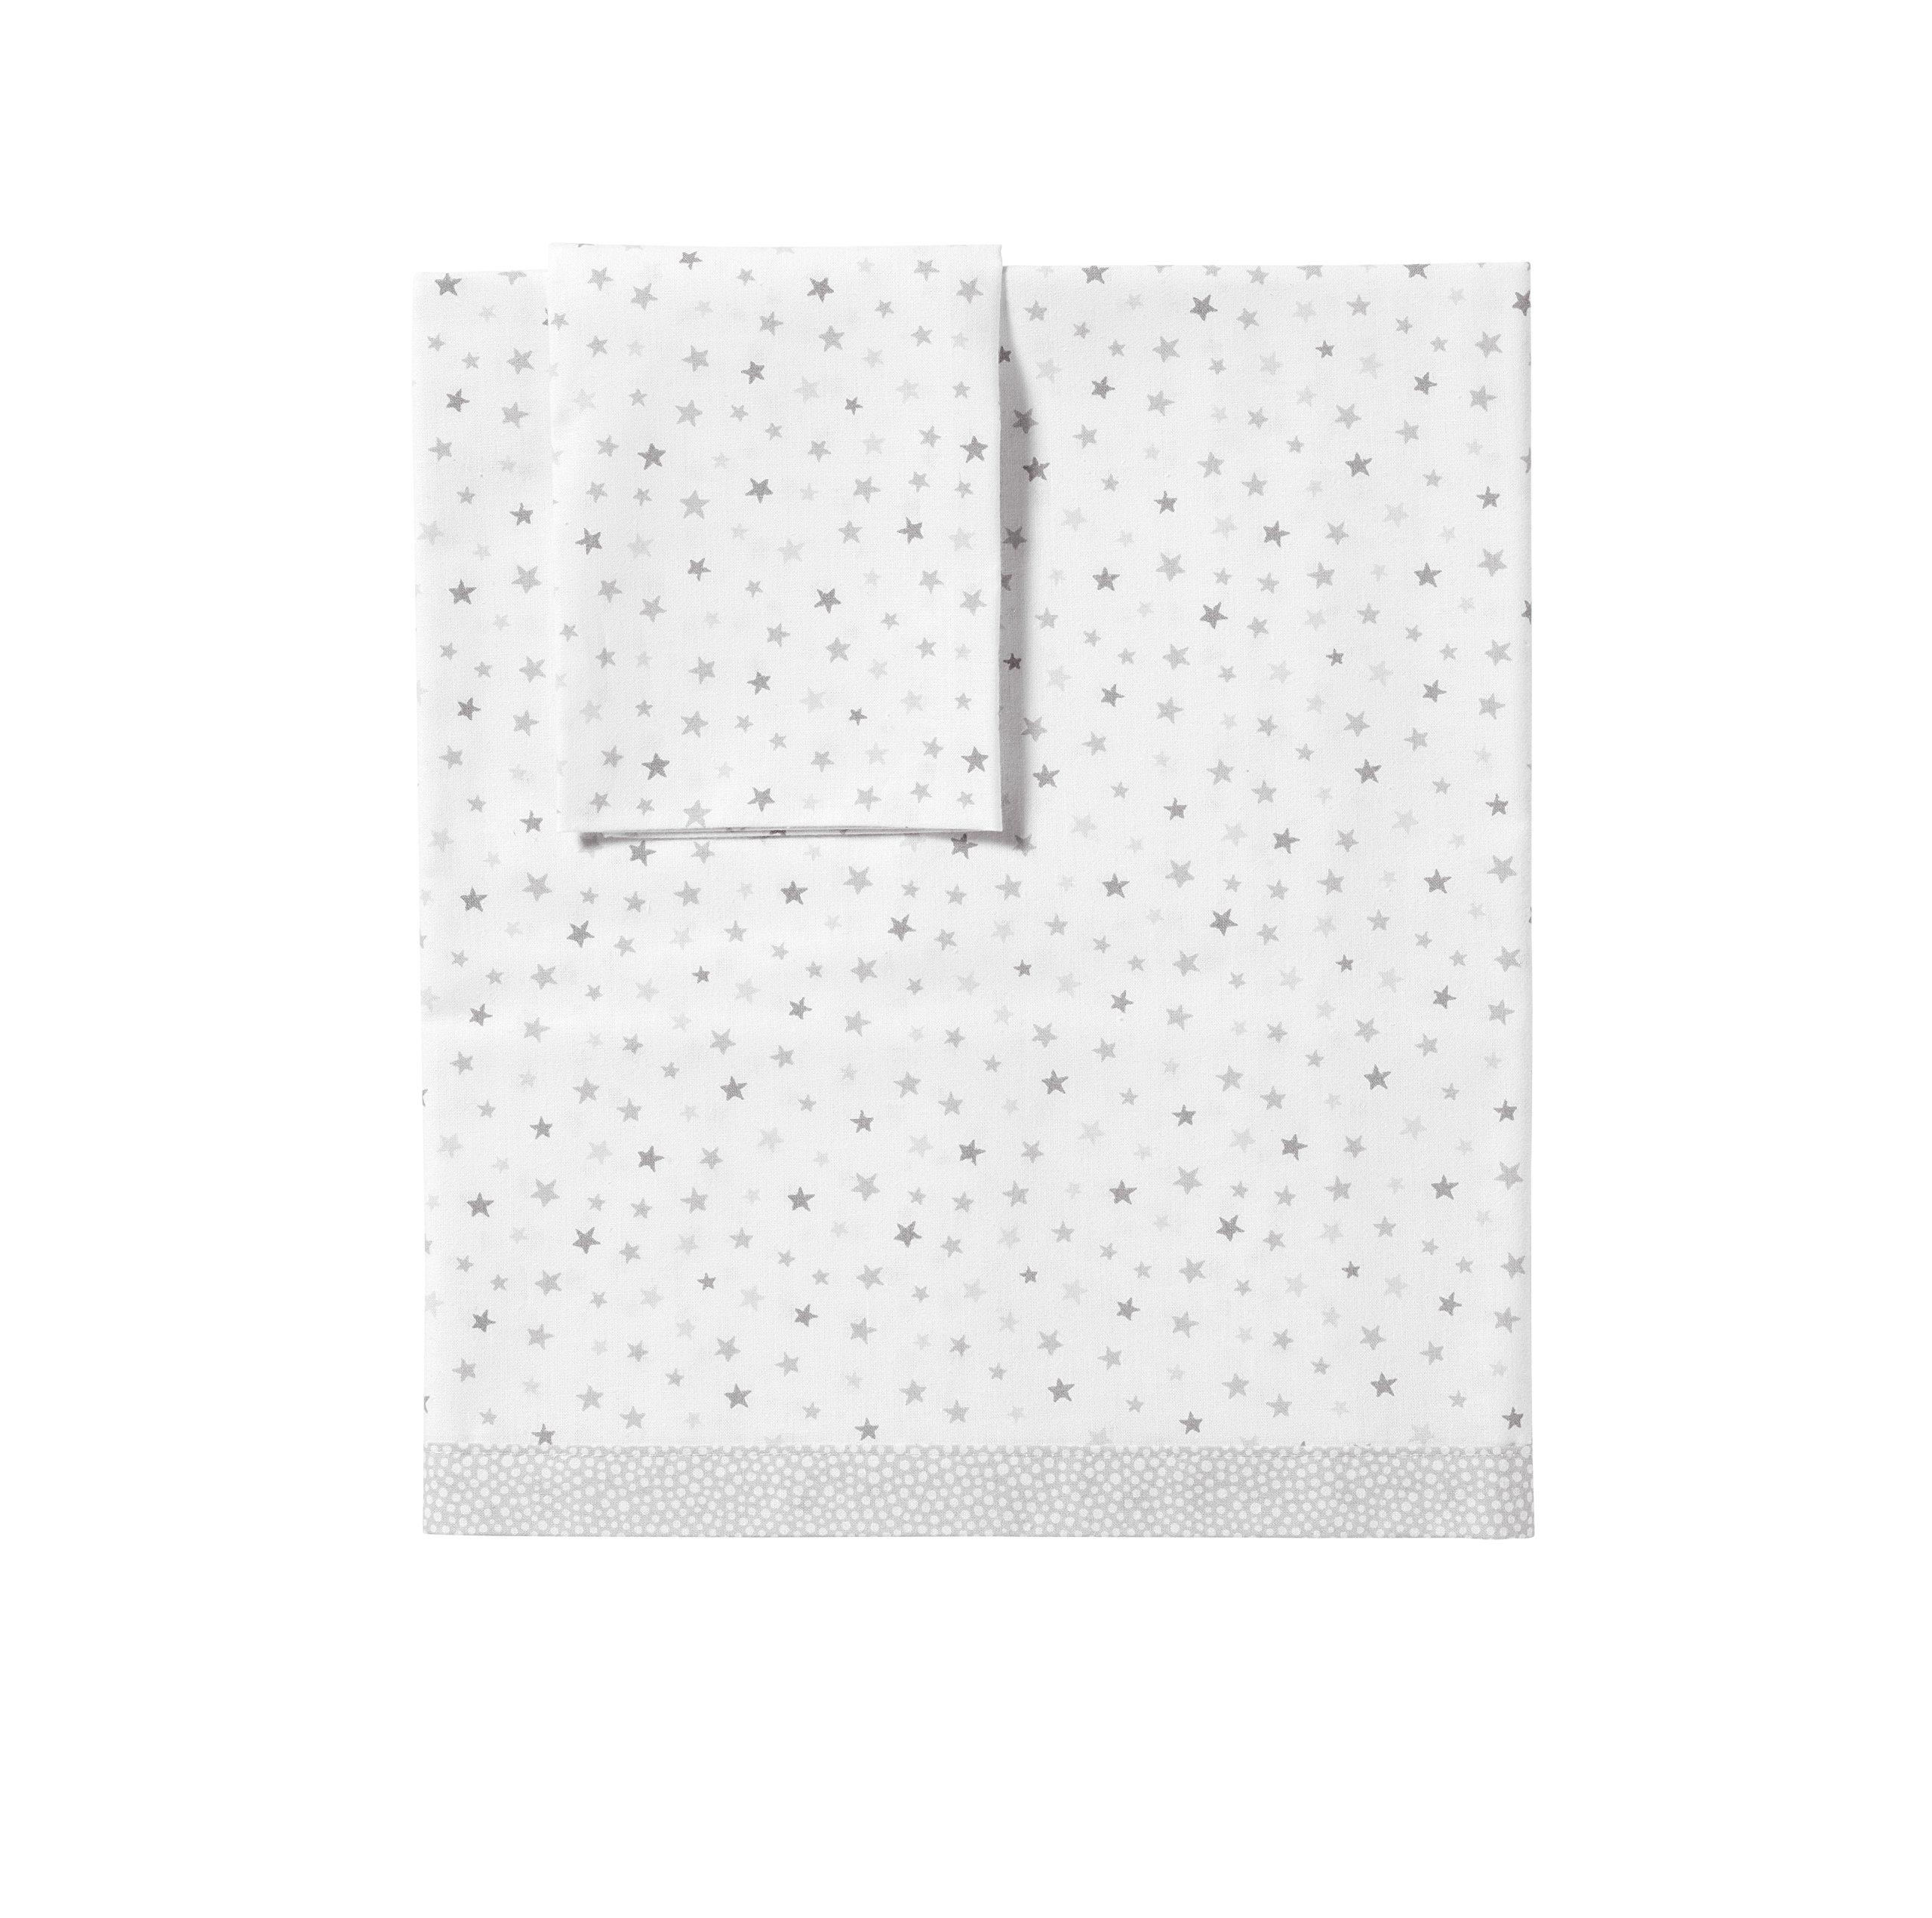 Praia E4421650 - Juego de sábana para cuna de 93 x 71 cm, diseño de